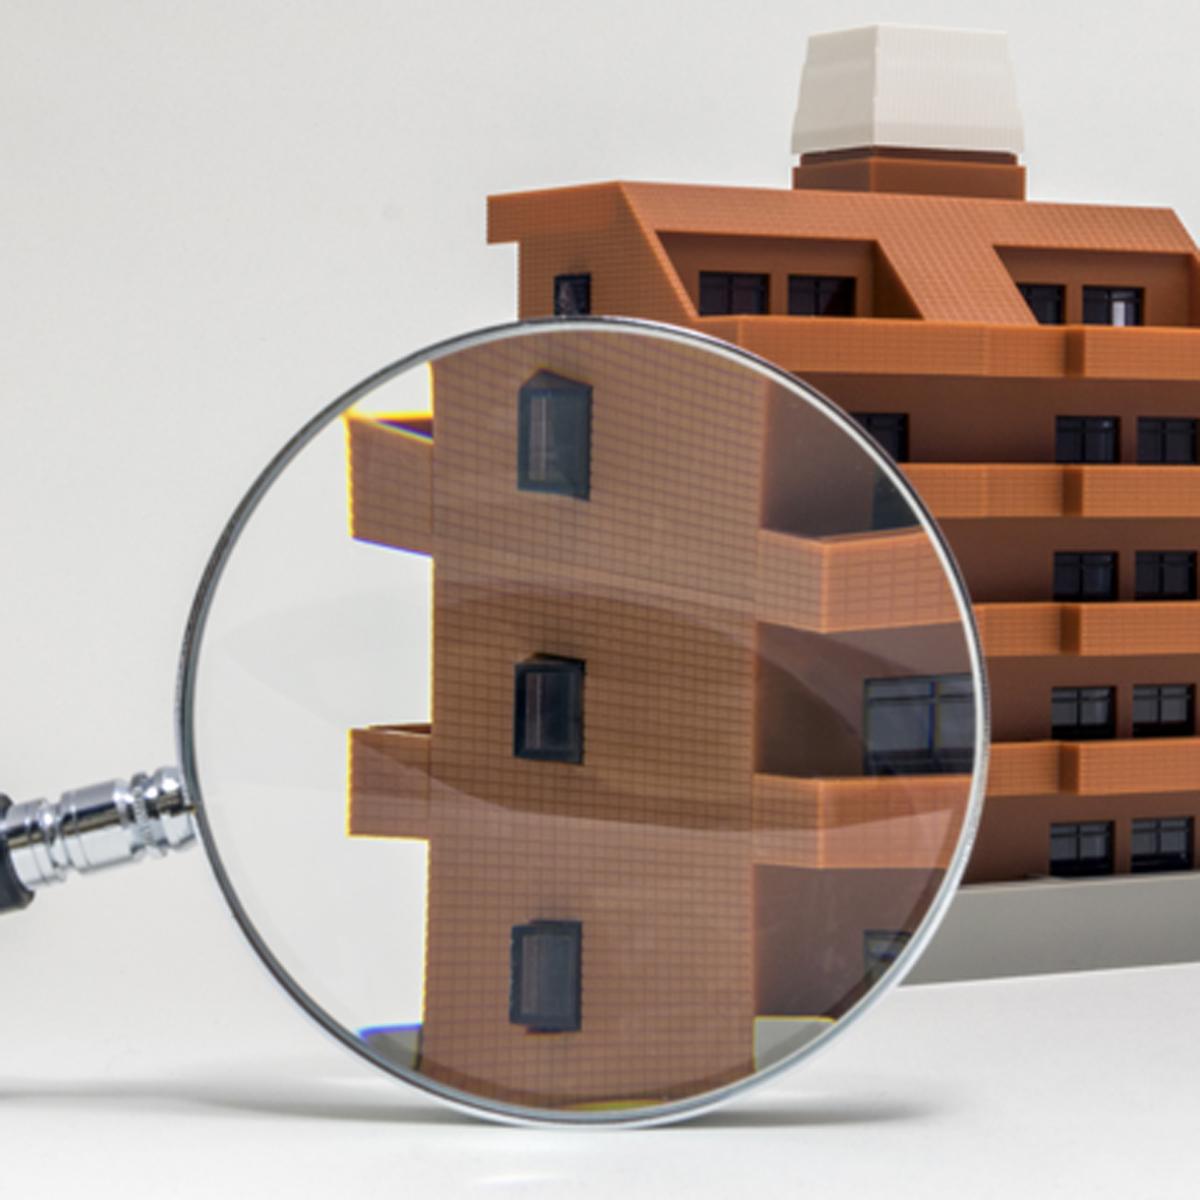 「駐車場の空き」は要注意 地味でも侮れない中古マンション購入の盲点